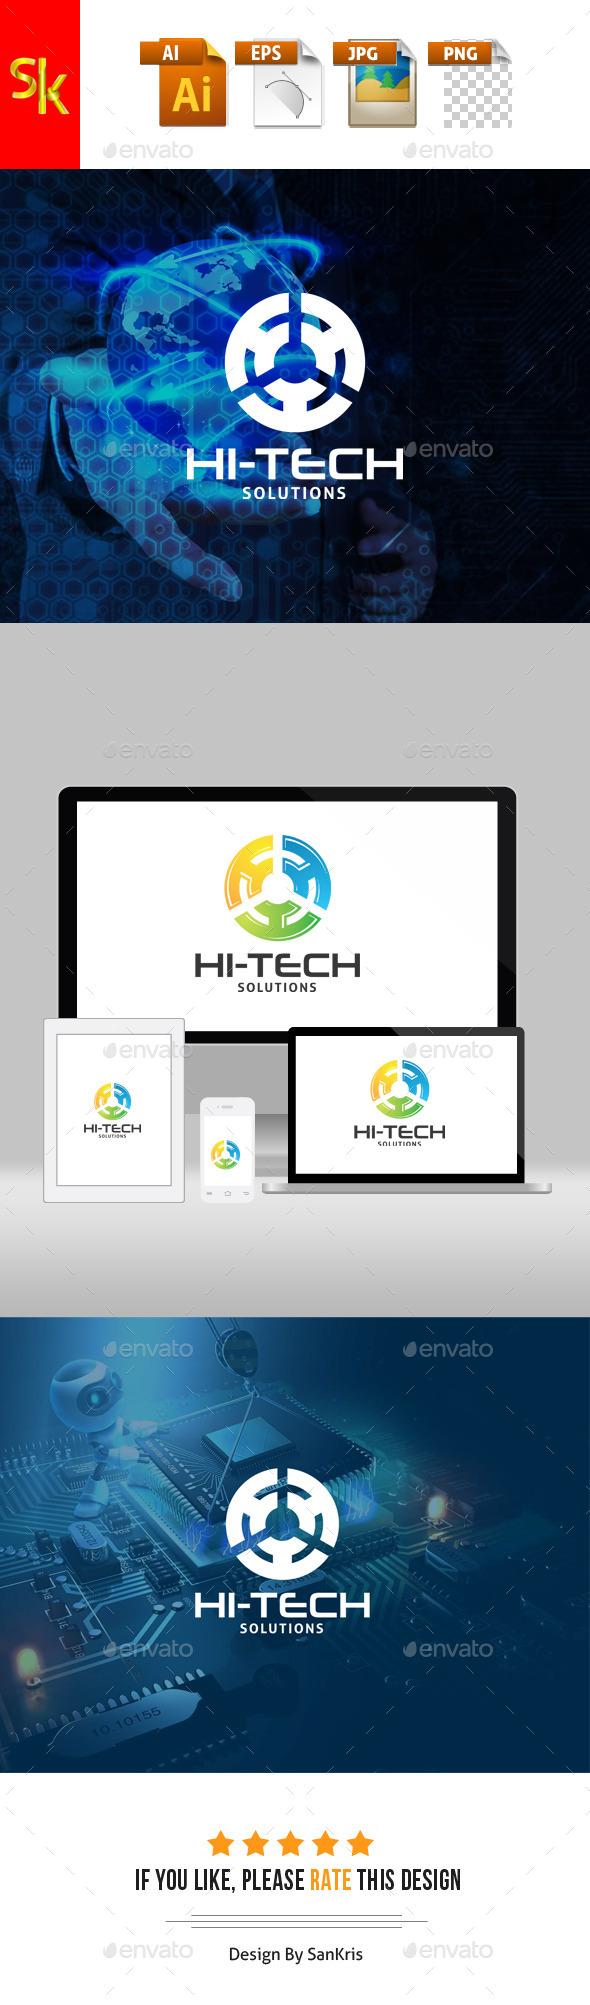 GraphicRiver Hi Tech Solutions V2 11789527